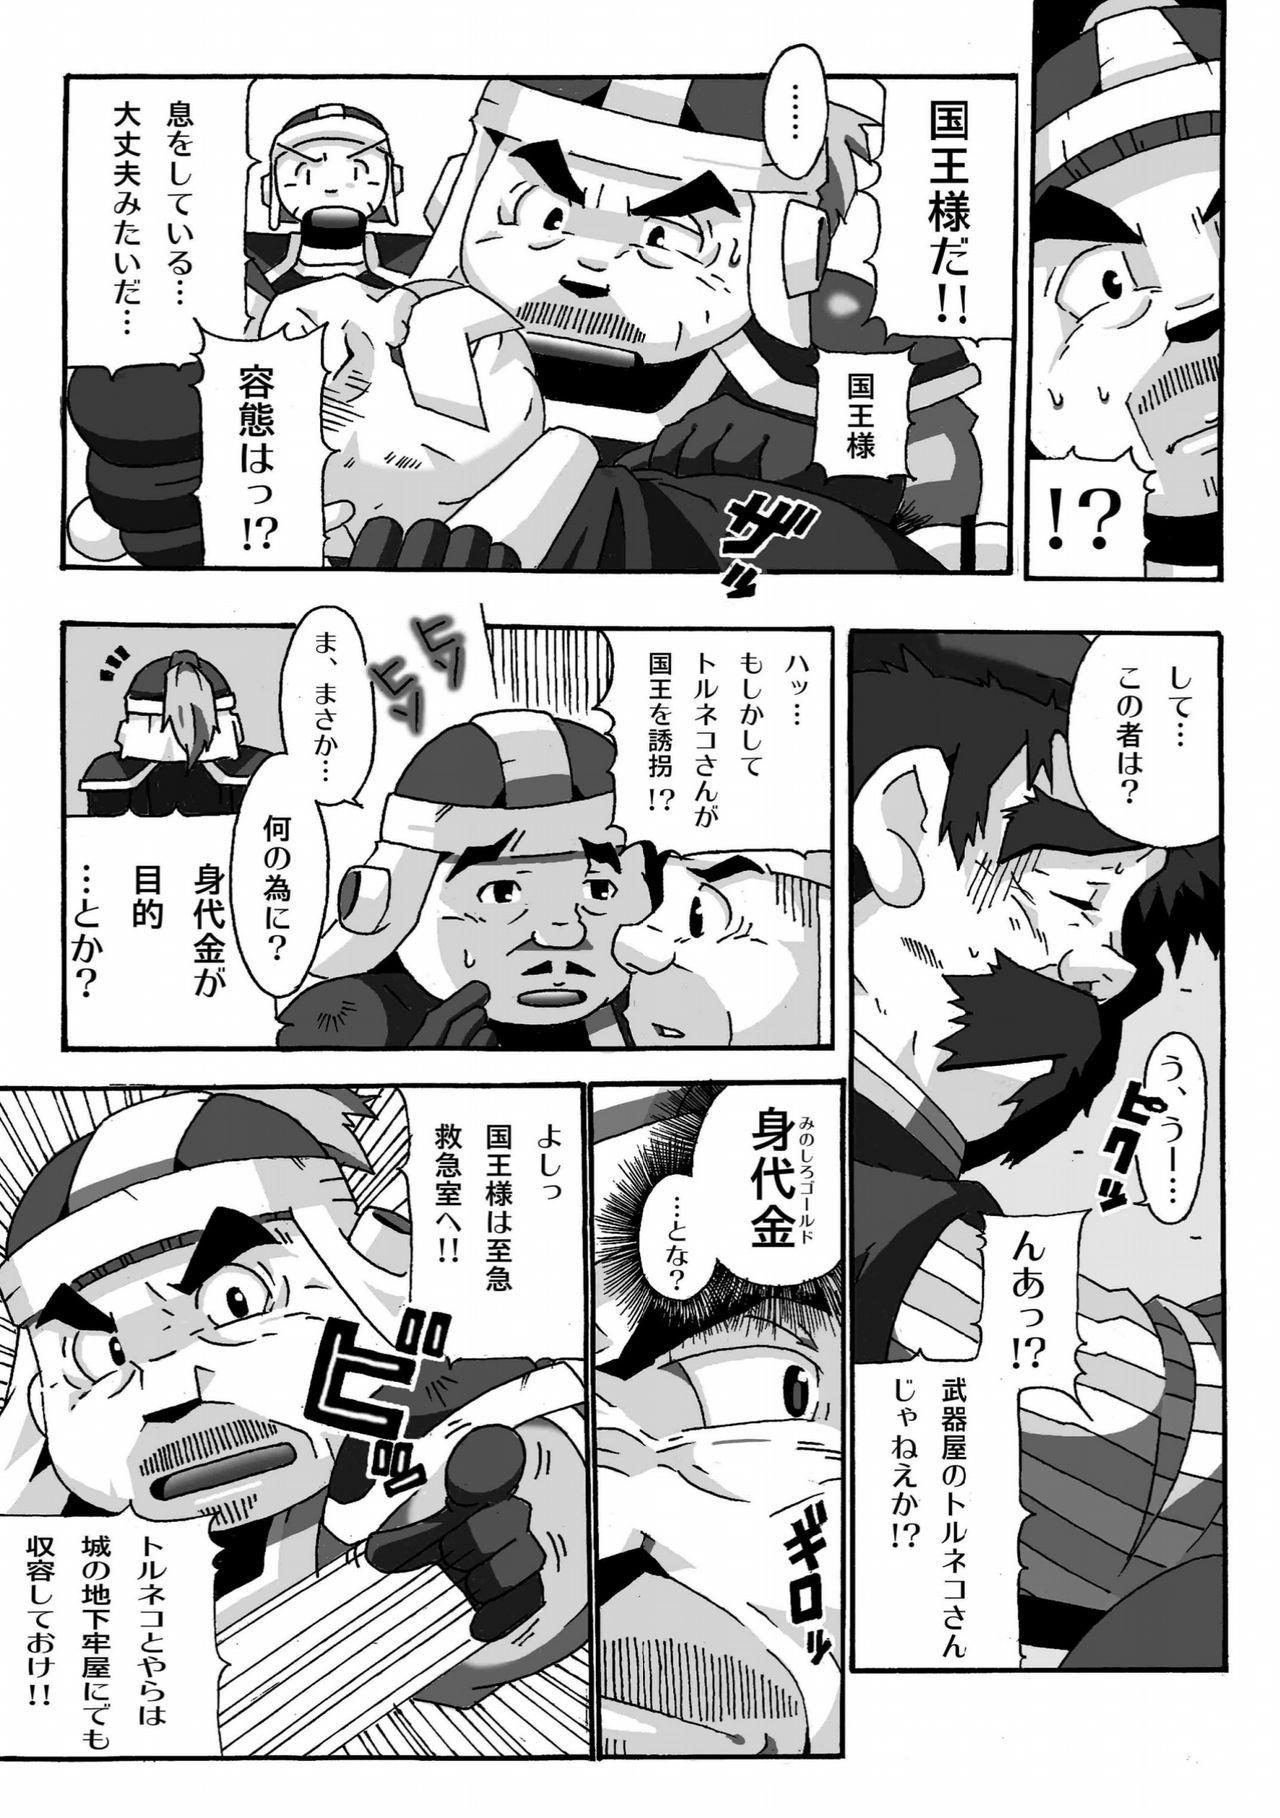 Torneko no Himitsu 16